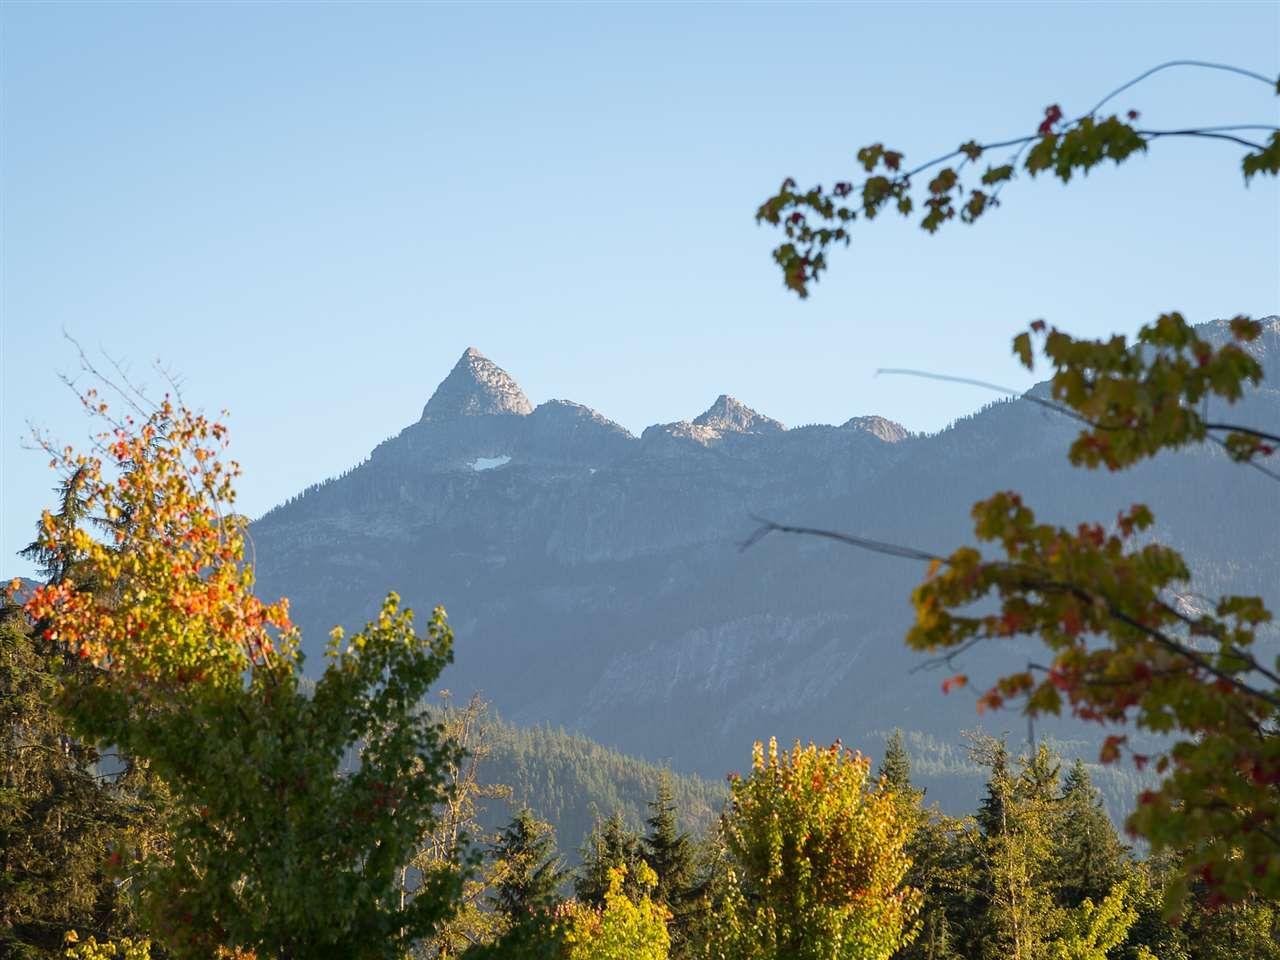 """Main Photo: 3412 MAMQUAM Road in Squamish: University Highlands Land for sale in """"University Highlands"""" : MLS®# R2623632"""